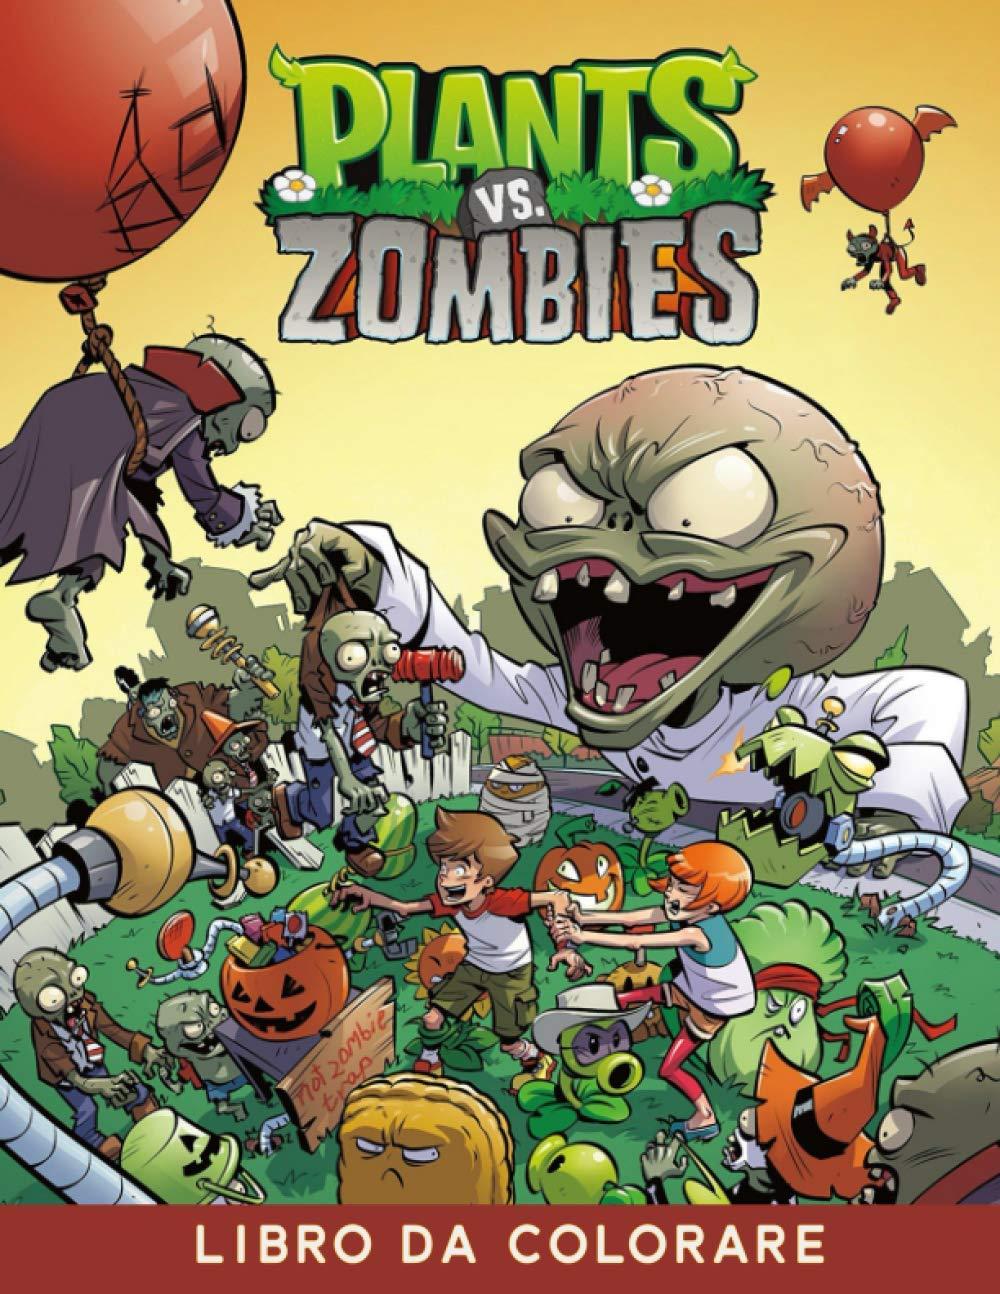 Amazon Com Plants Vs Zombies Libro Da Colorare Ottimo Libro Da Colorare Per Bambini Adulti Italian Edition 9798694279888 Doupe Jonathan Books